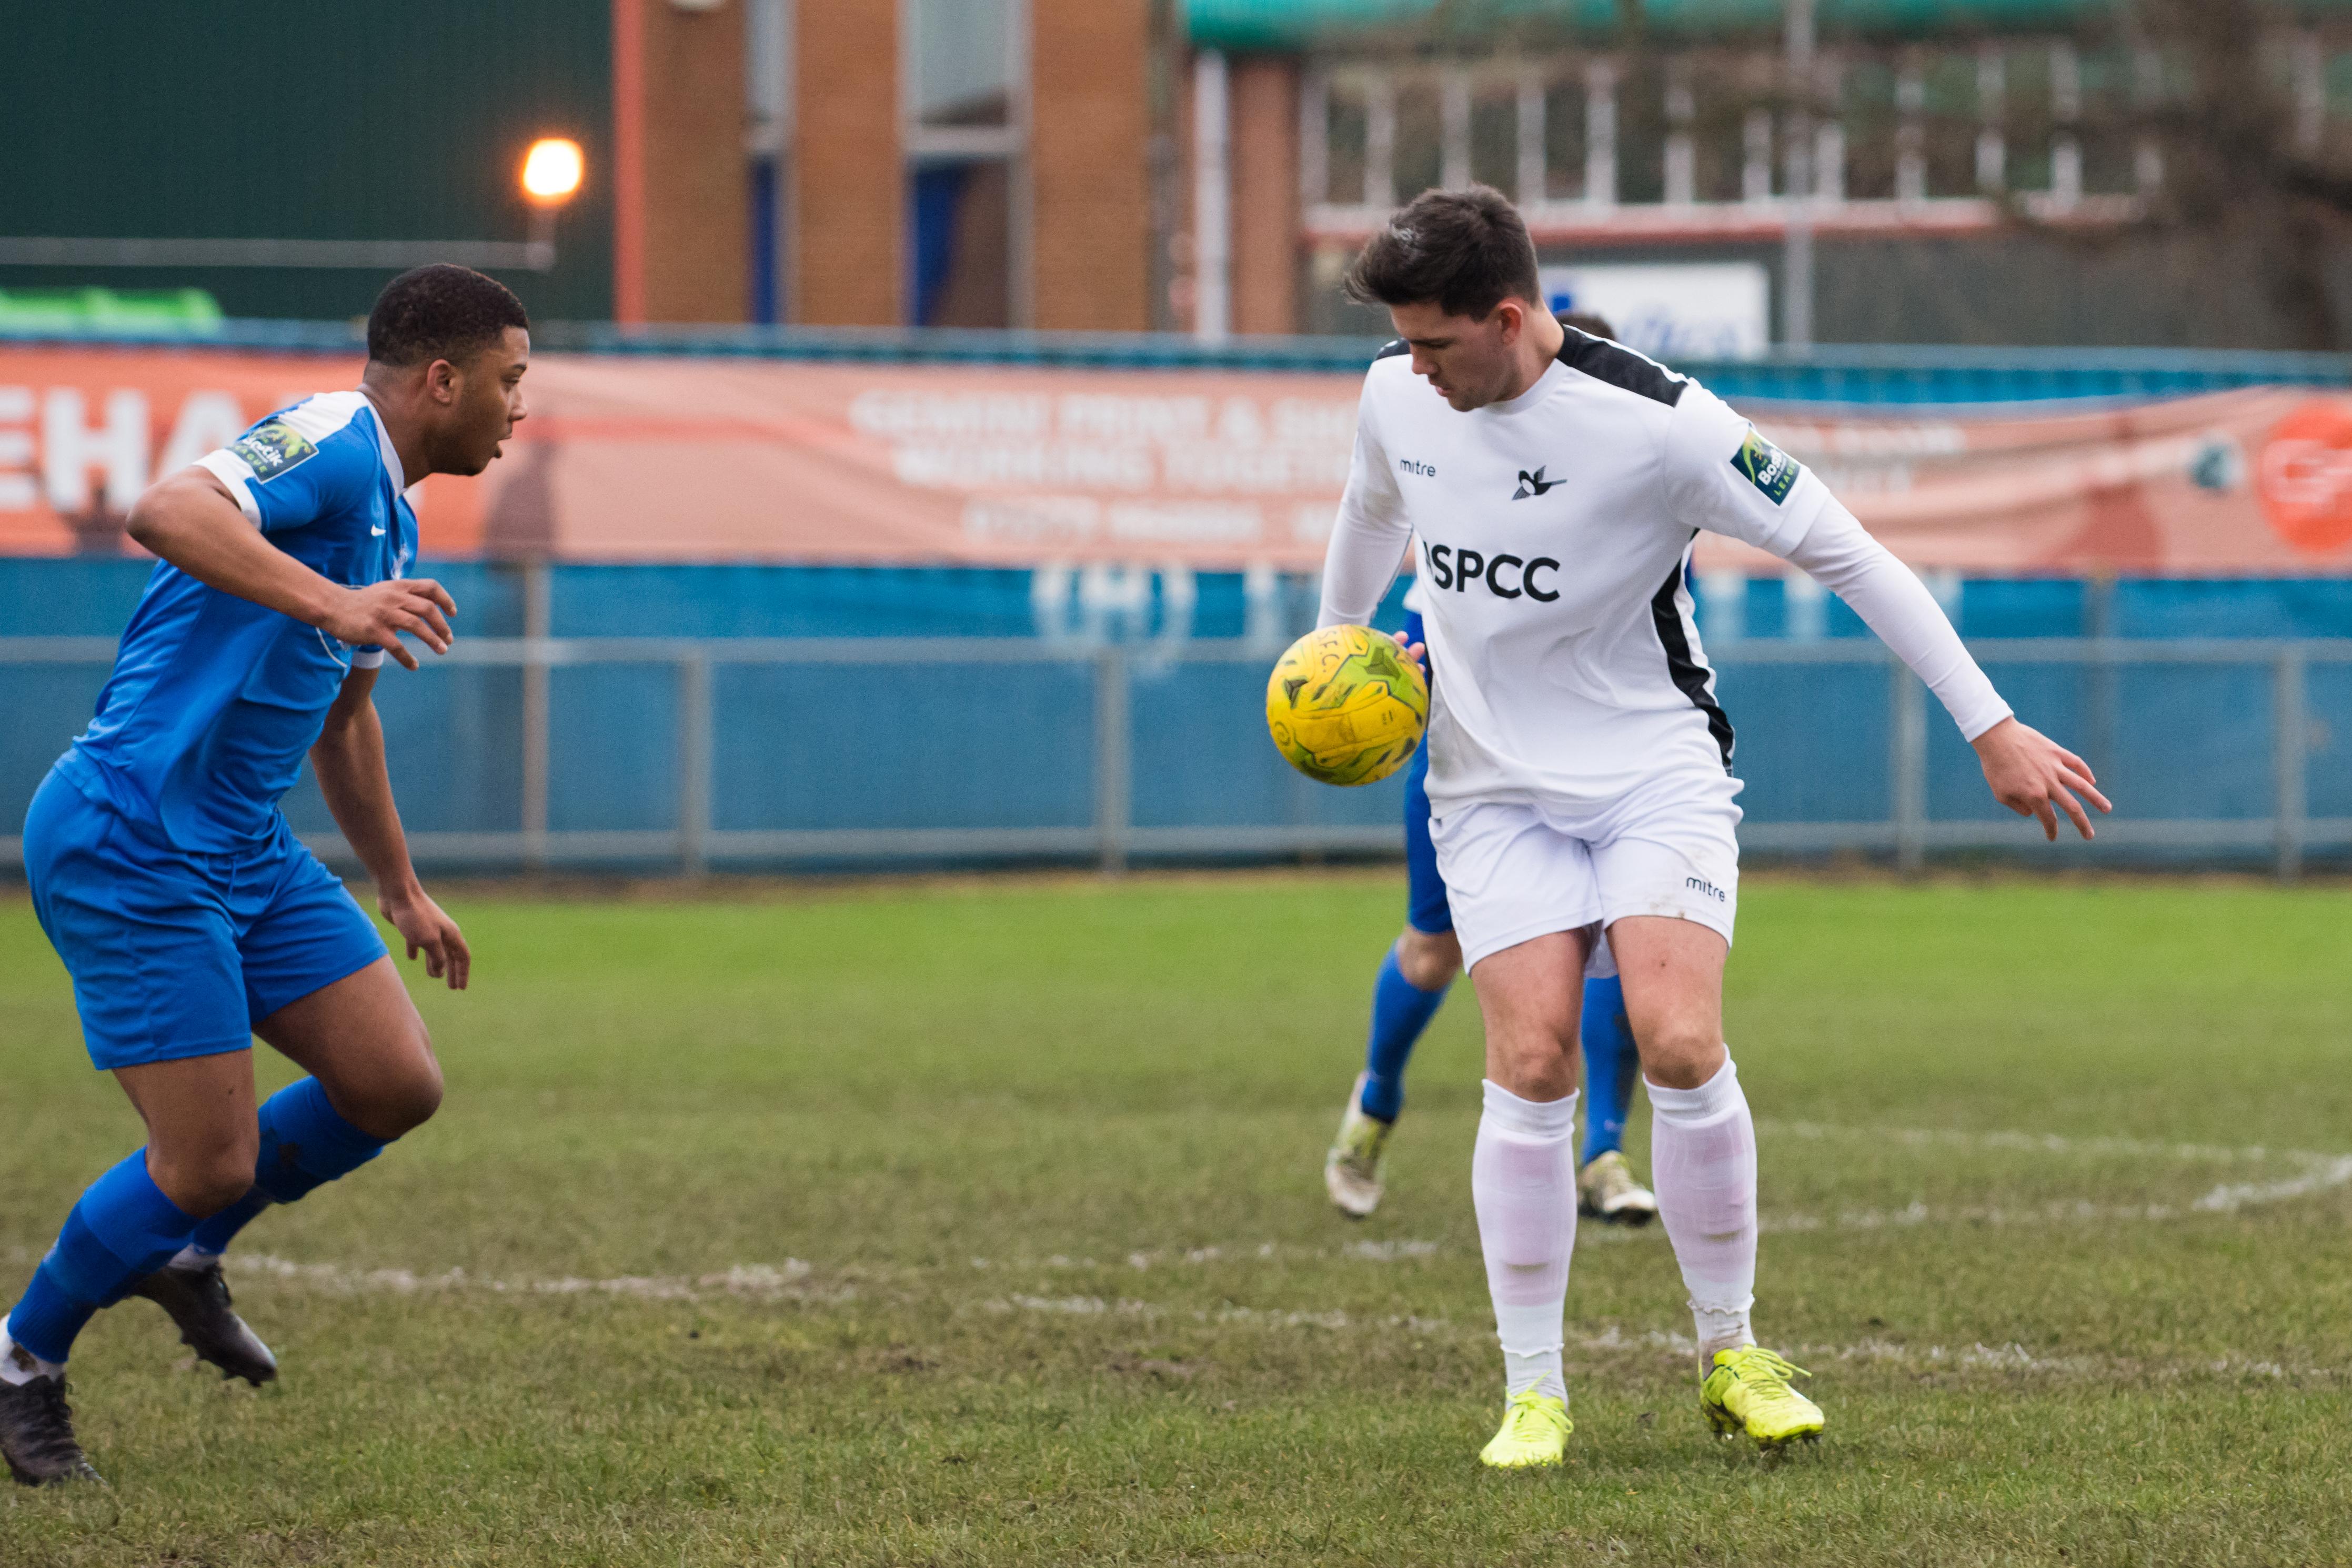 Shoreham FC vs Carshalton Ath 23.12.17 57